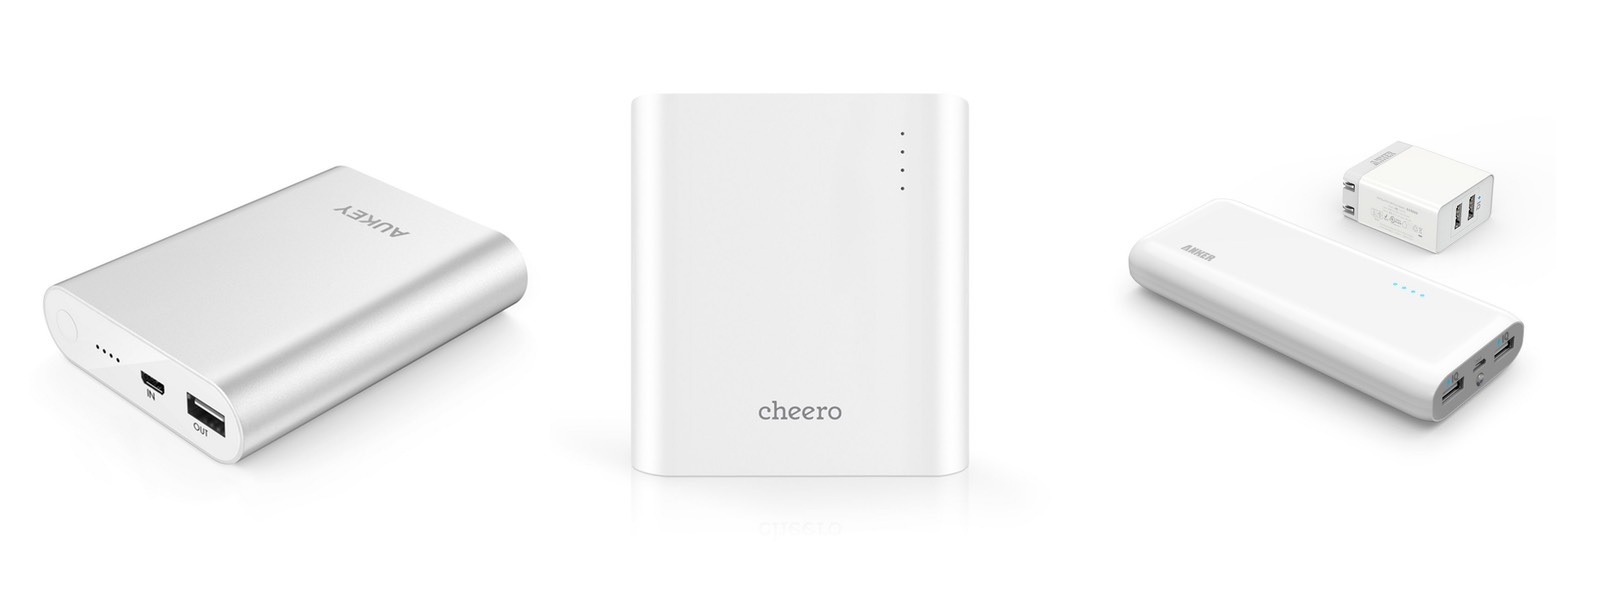 新しい急速充電の規格『Quick Charge 2.0』に対応したモバイルバッテリー。USB端子はひとつだけですが、対応スマホとの組み合わでは従来の急速充電よりもさらに速く  ...